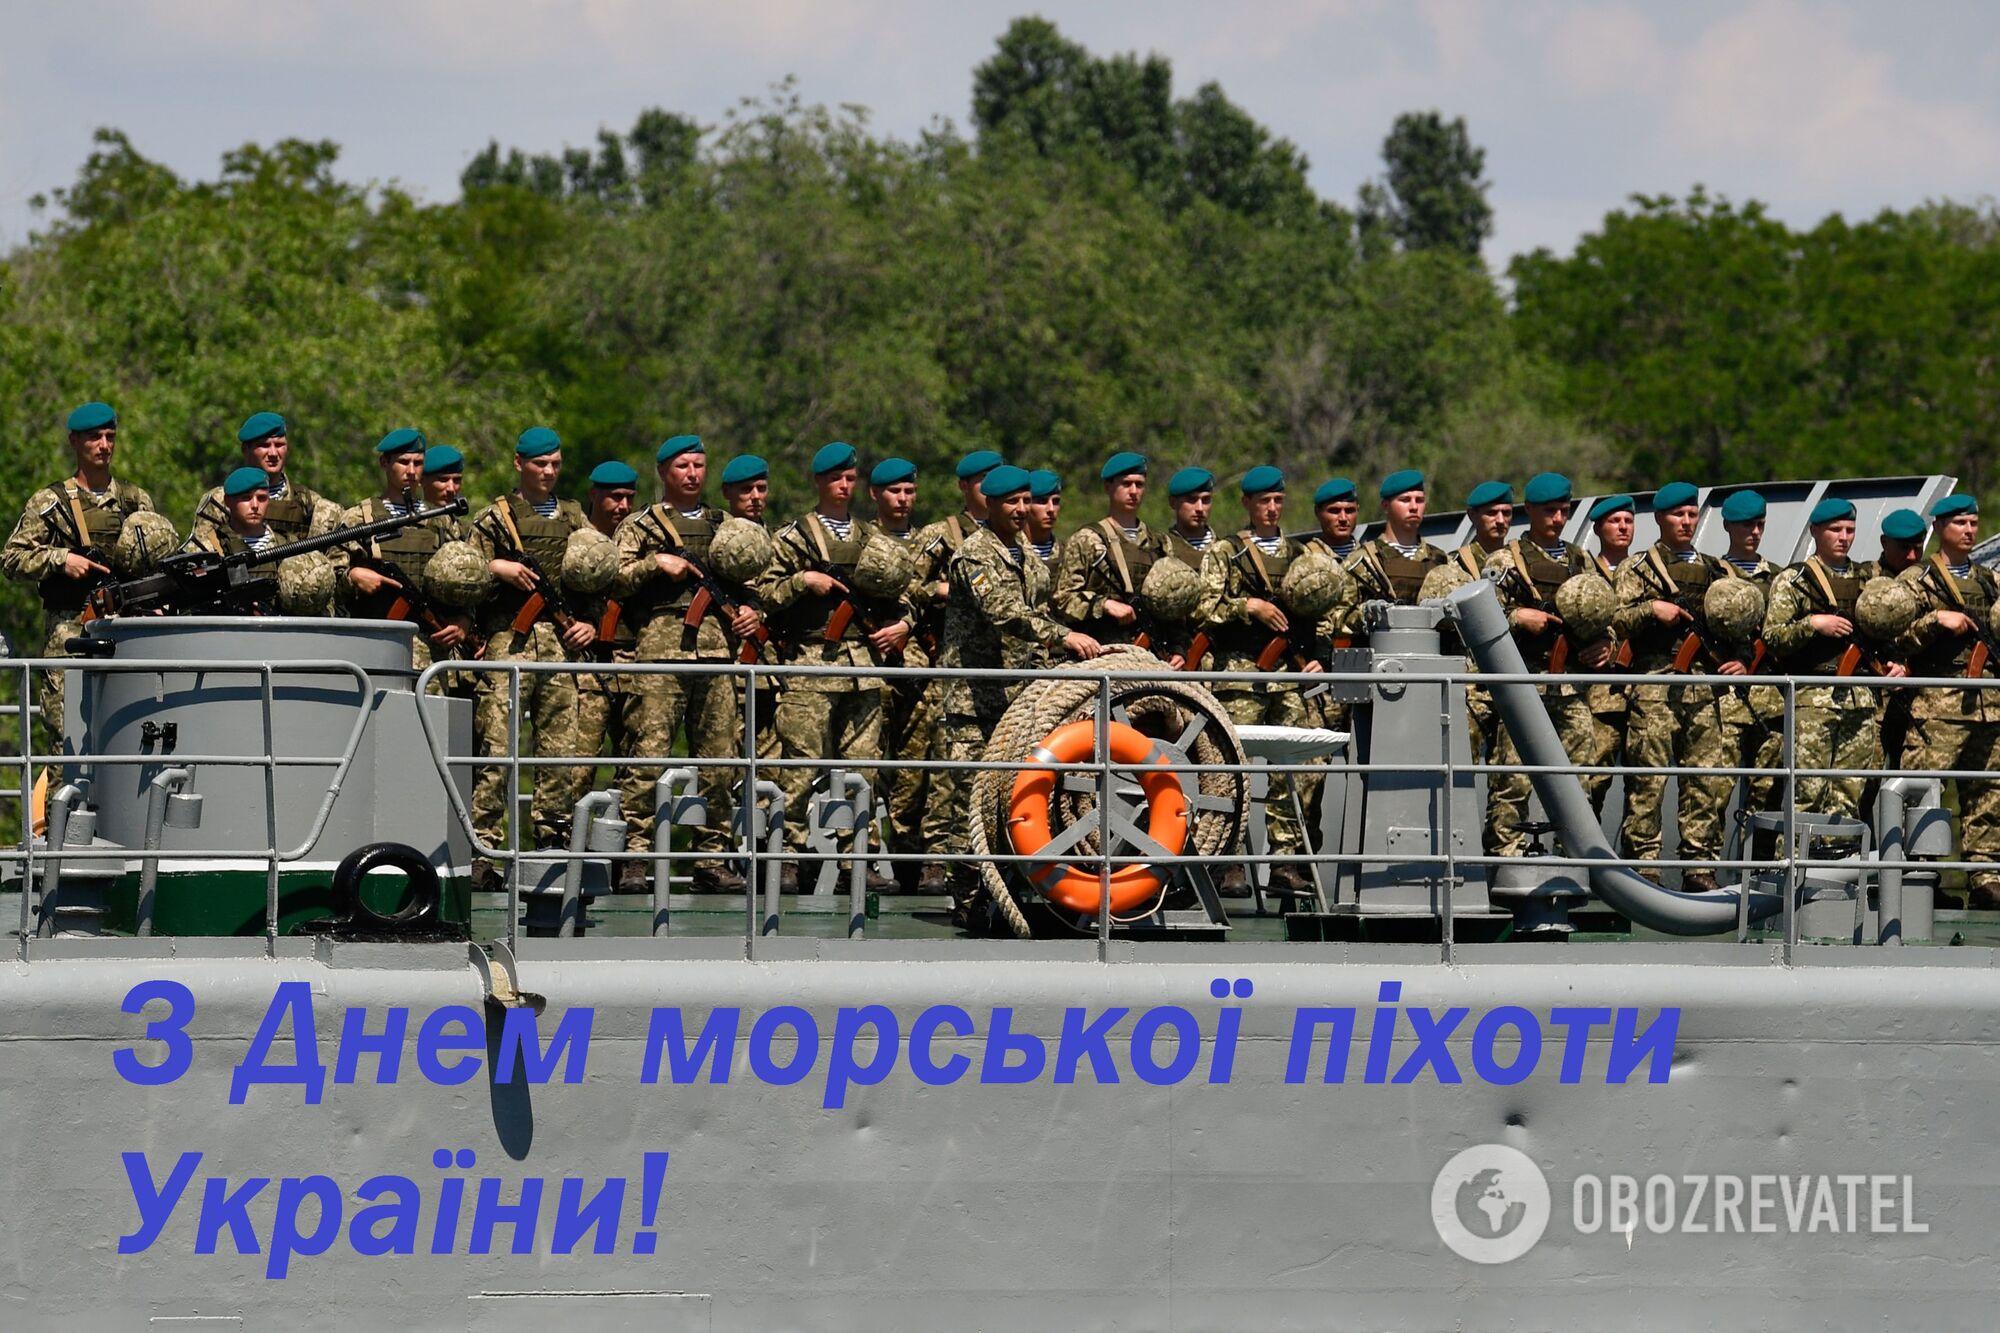 Поздравления с Днем морской пехоты Украины